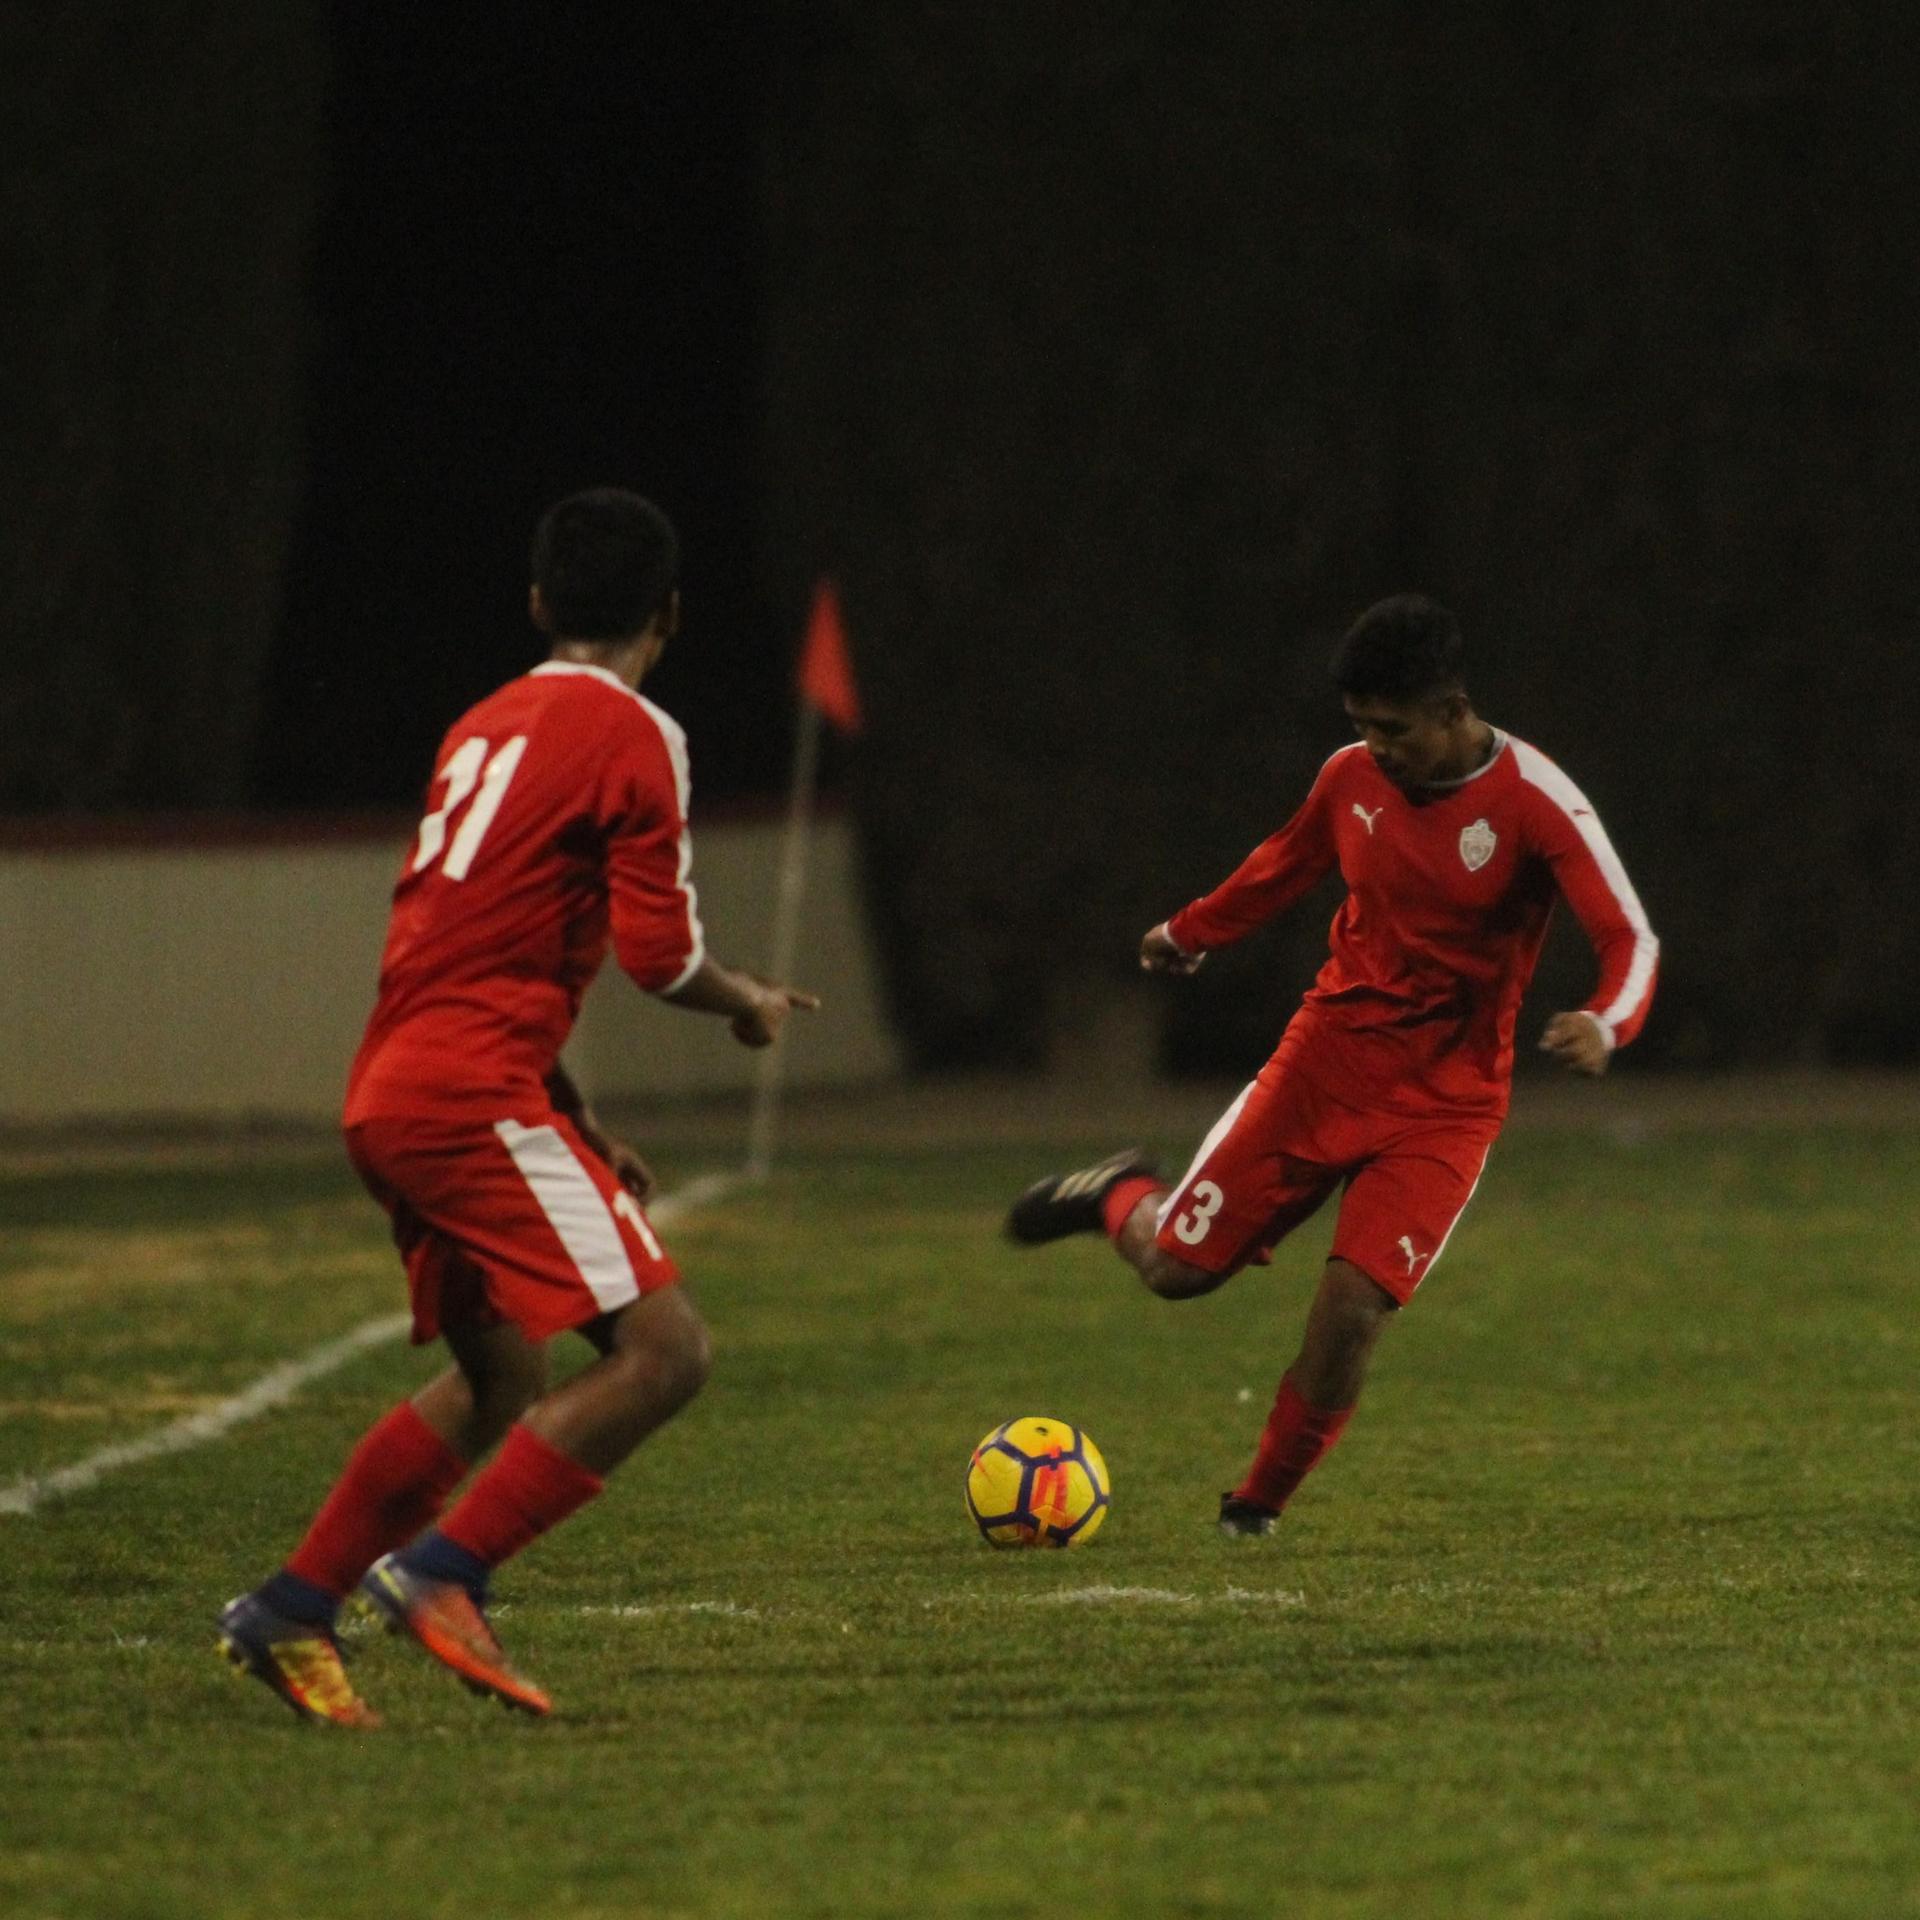 Alejandro Montes Kicking the Ball